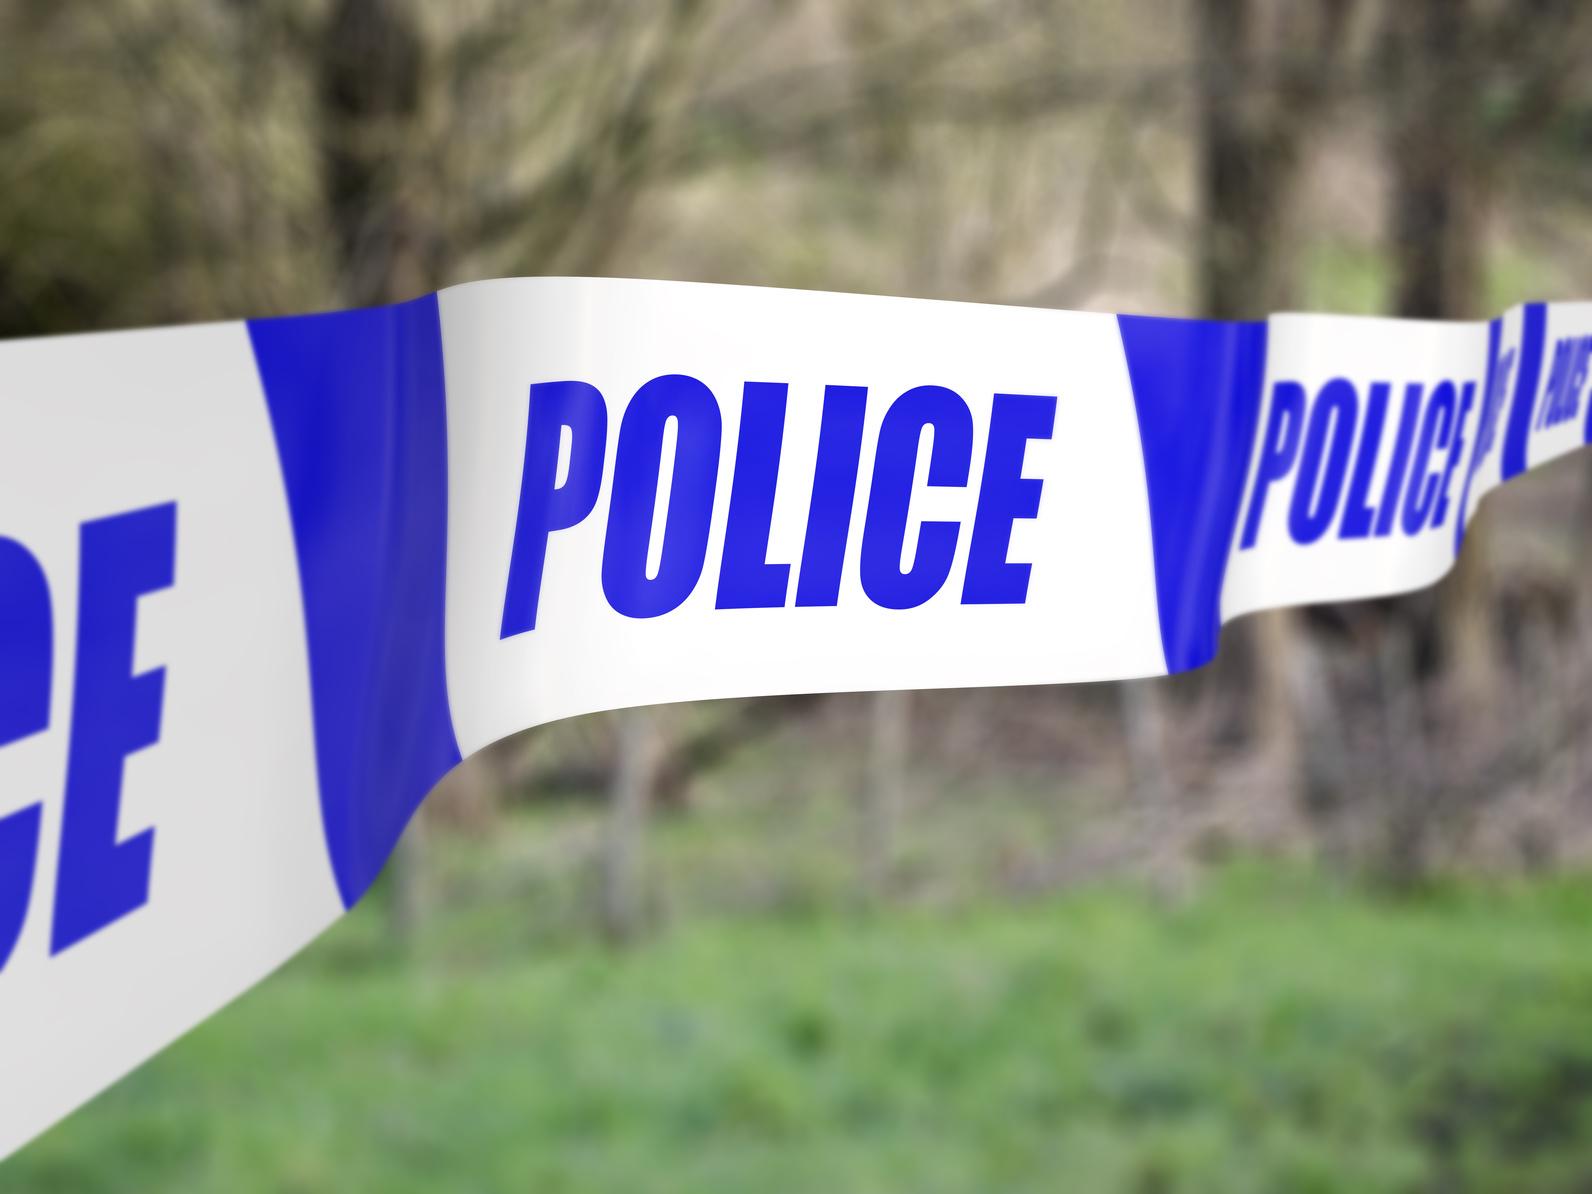 Van stolen in Dalbeattie